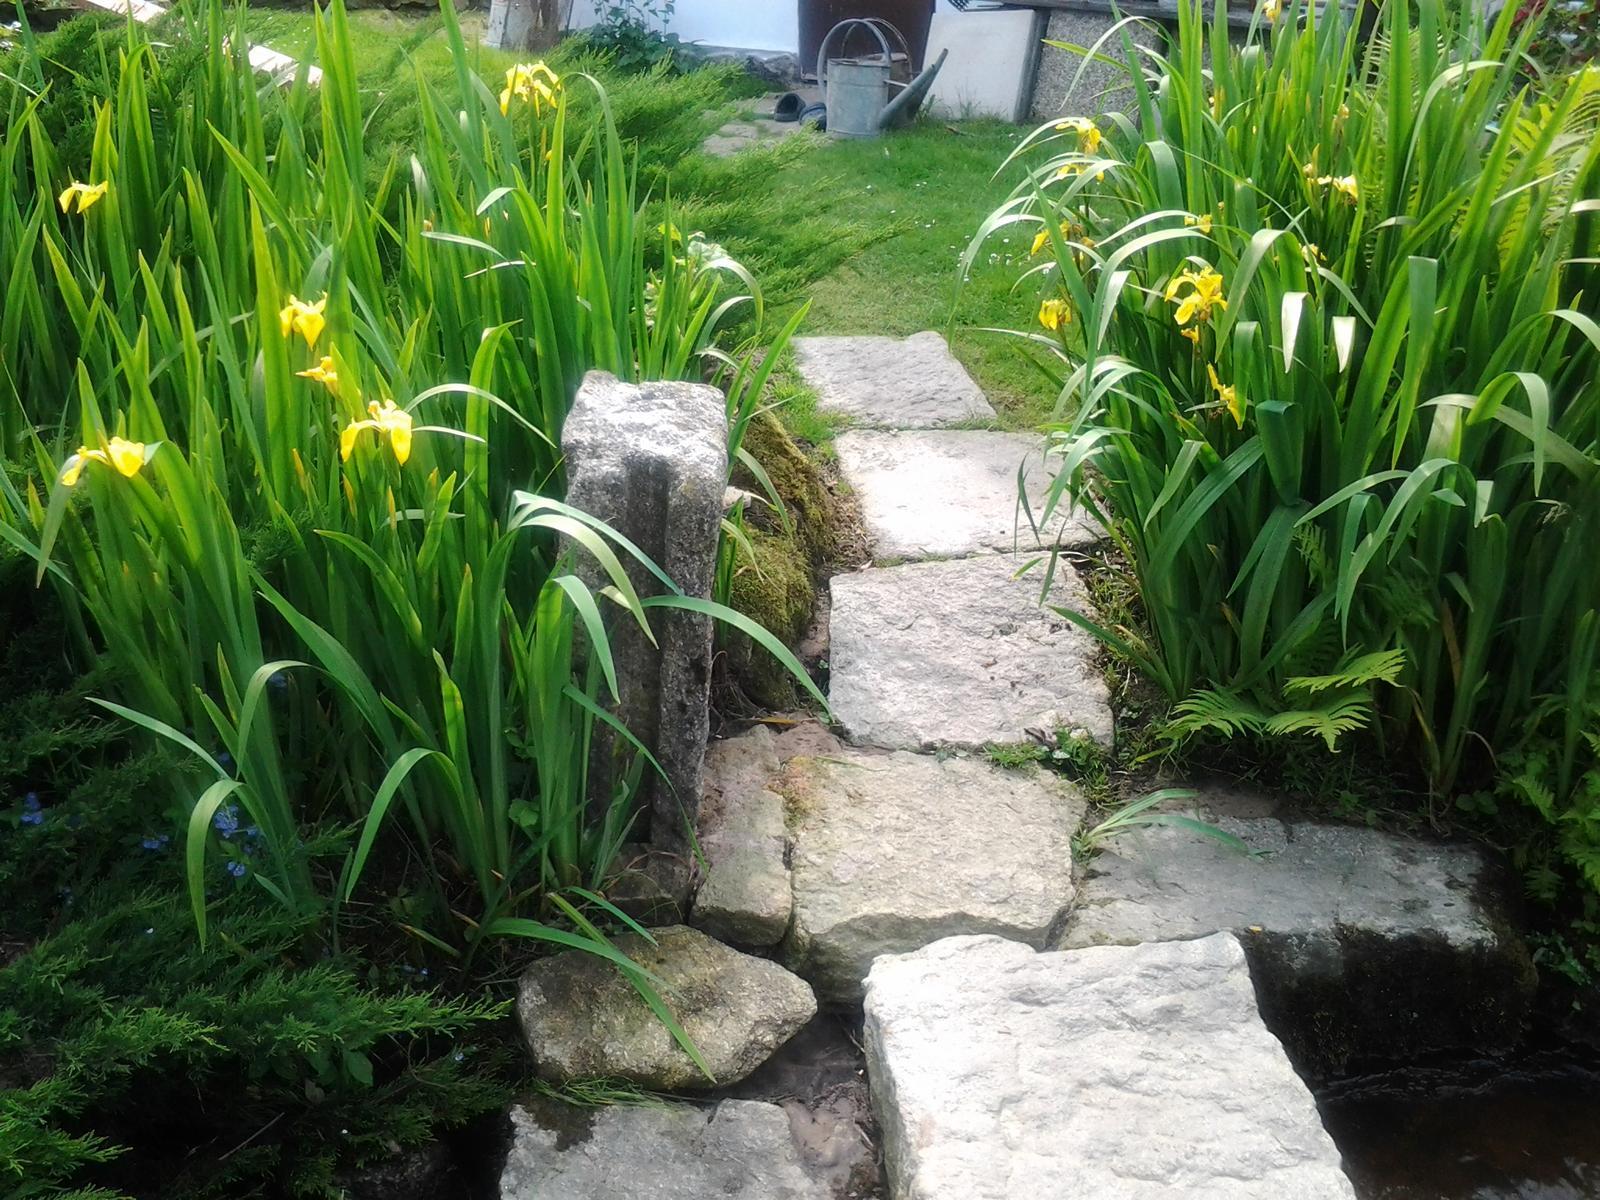 Jihočeská venkovská zahrada. - Kosatec žlutý miluje vodu.Kamenný můstek přes potok.